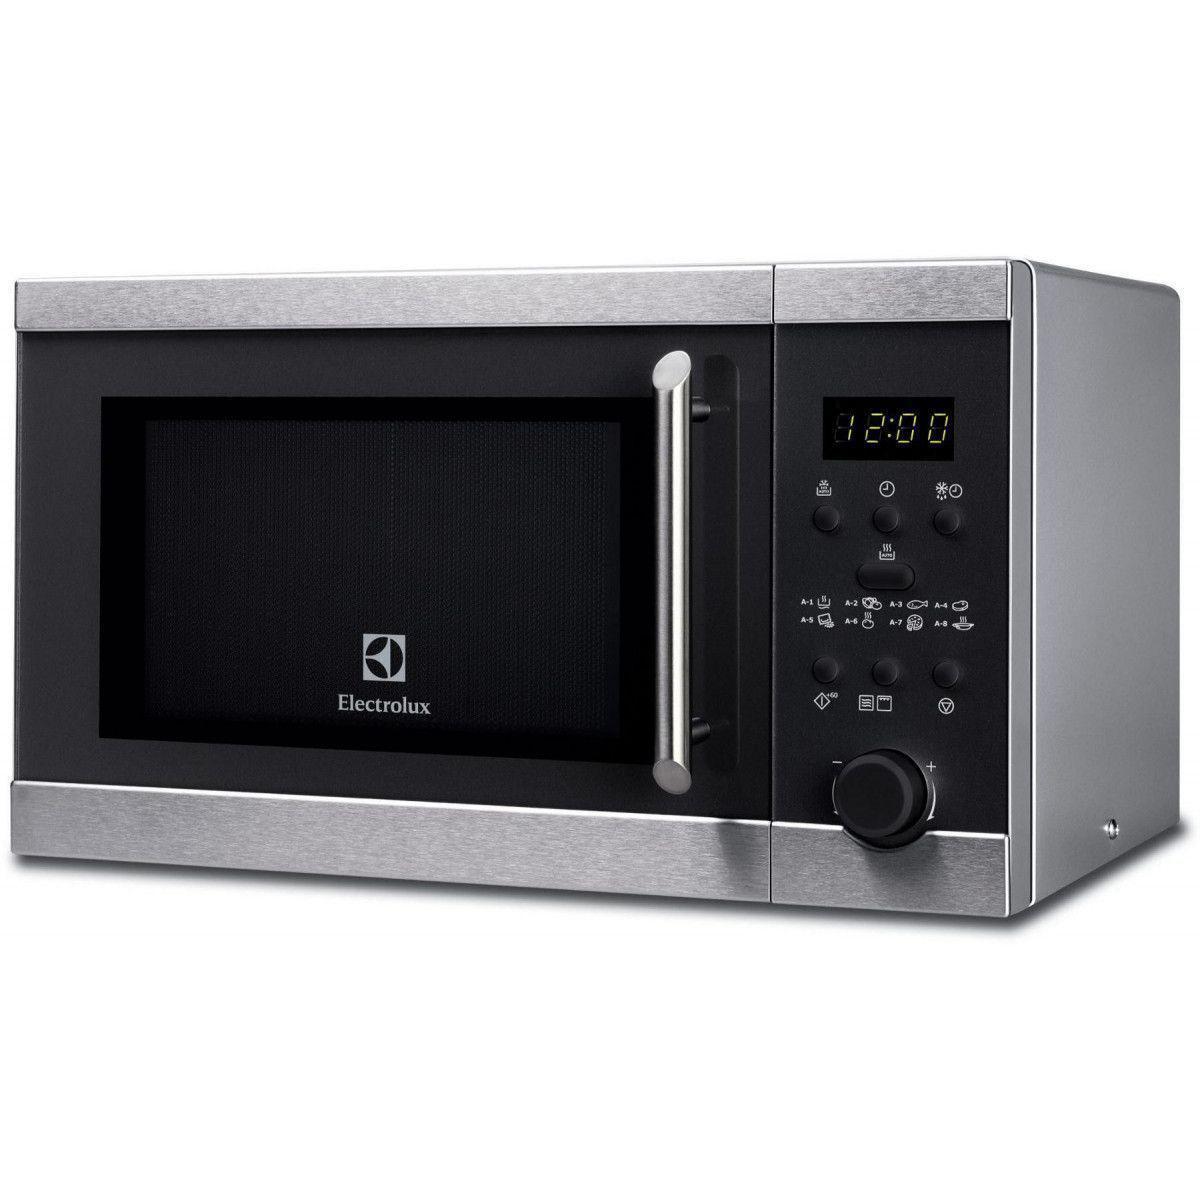 Electrolux Micro-ondes Pose Libre 20l Electrolux 1000w 46cm, Ems 20300 Ox